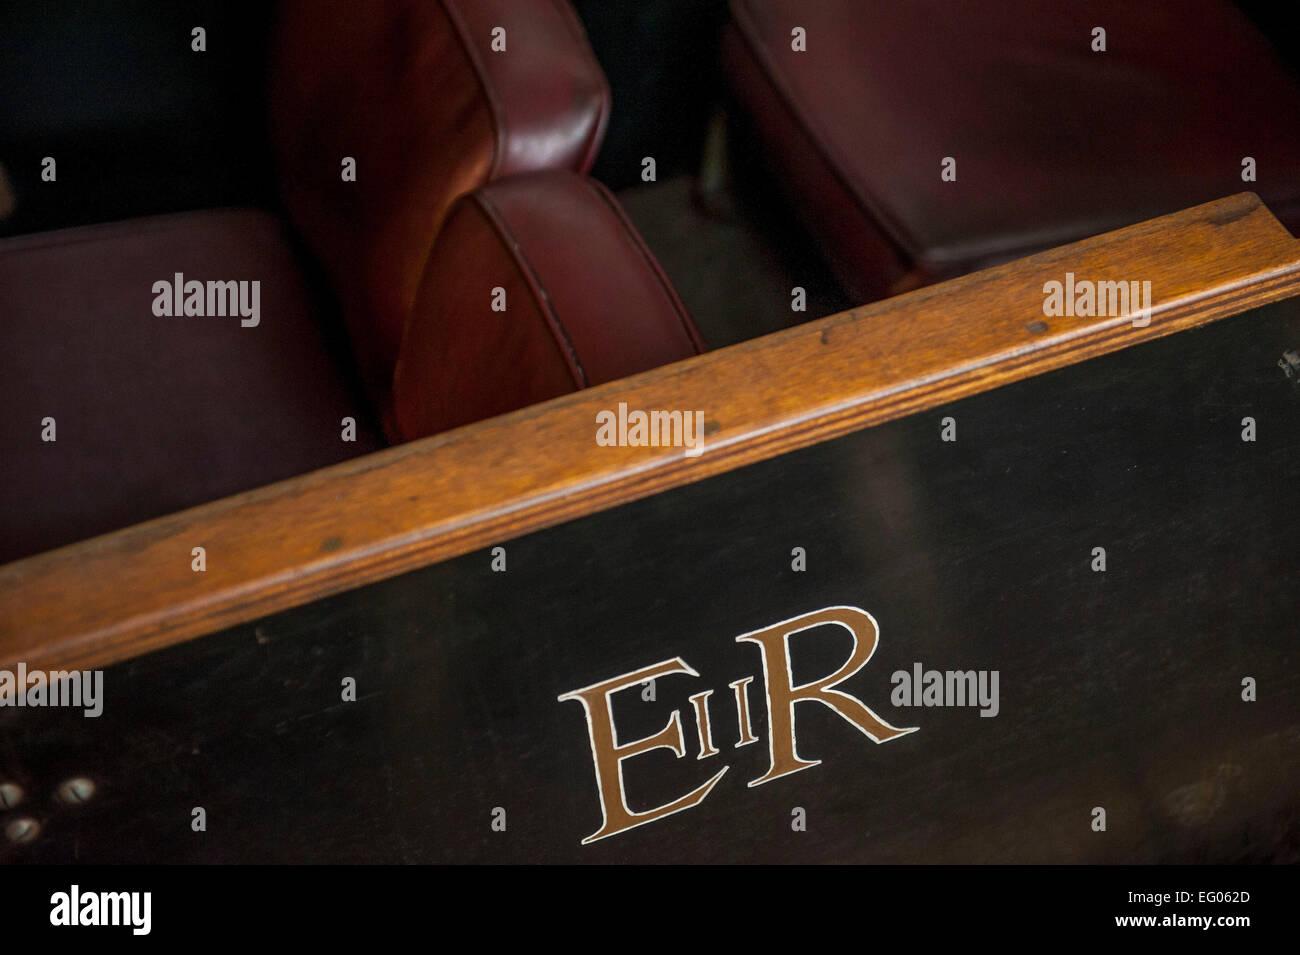 I lati del signor carrelli sono ornate le iniziali di una serie go sovrani del regno unito questo è il più Immagini Stock